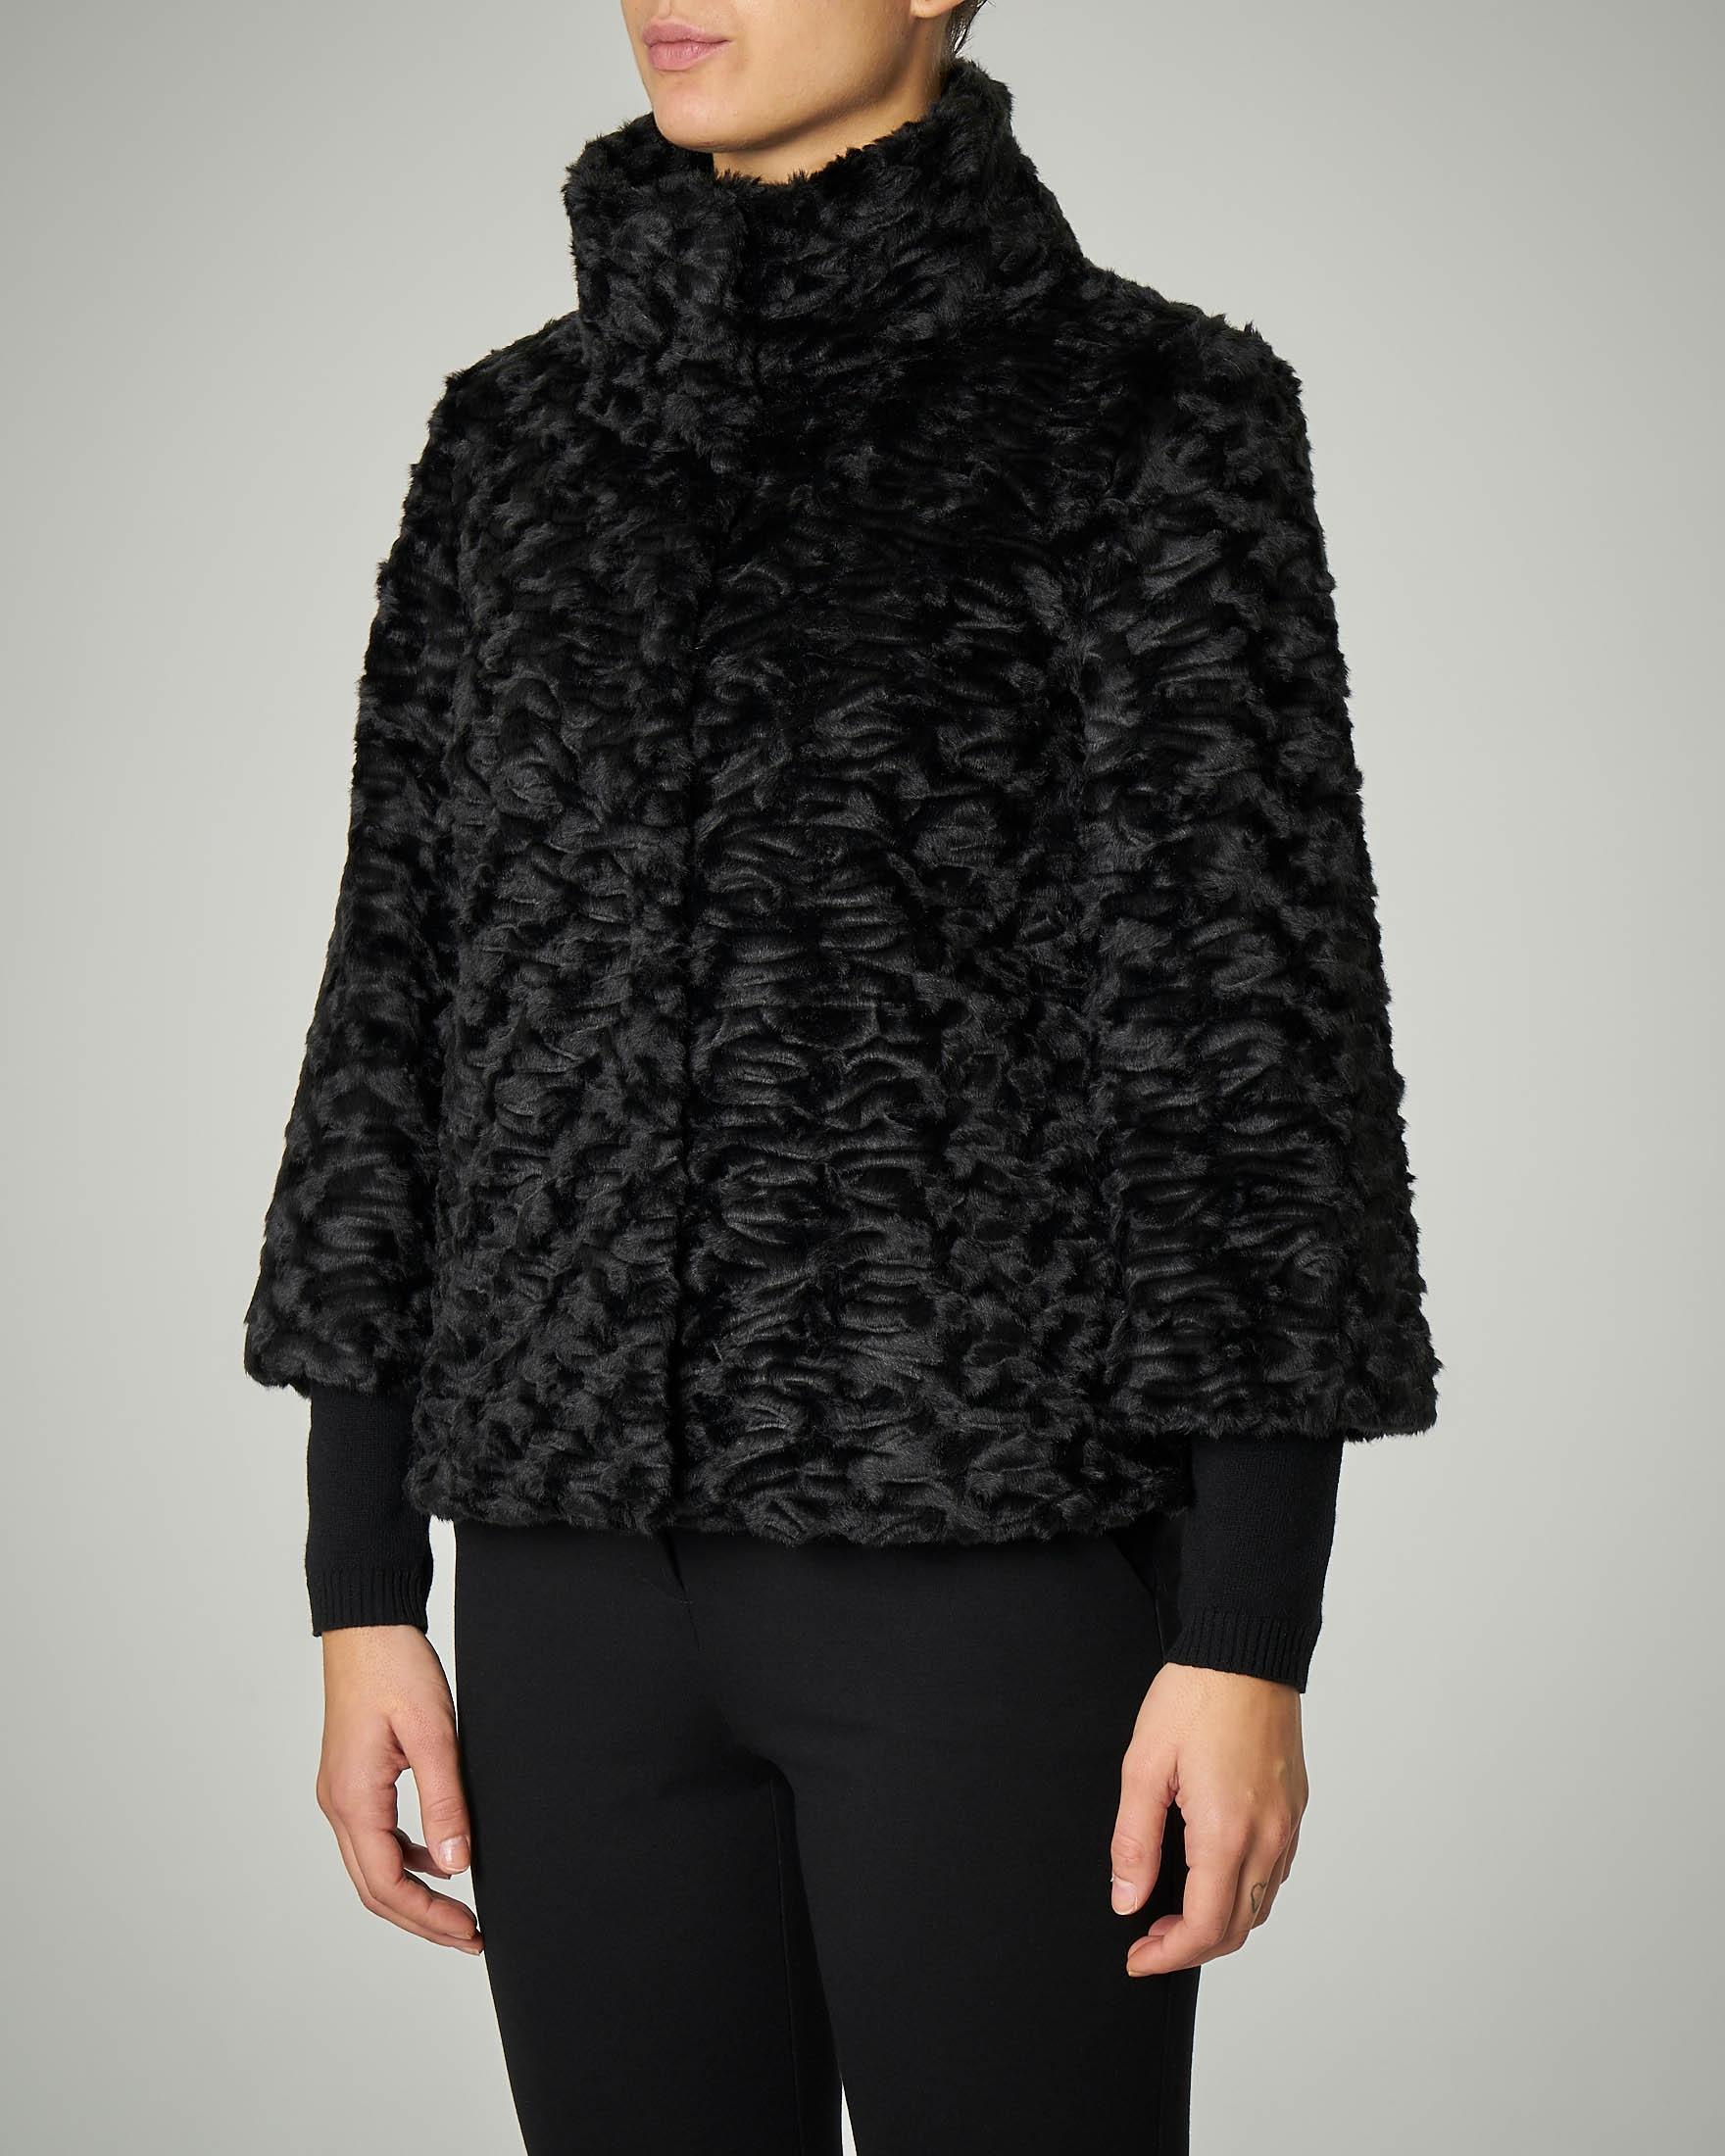 Eco pelliccia effetto astracan nera con maniche tre quarti